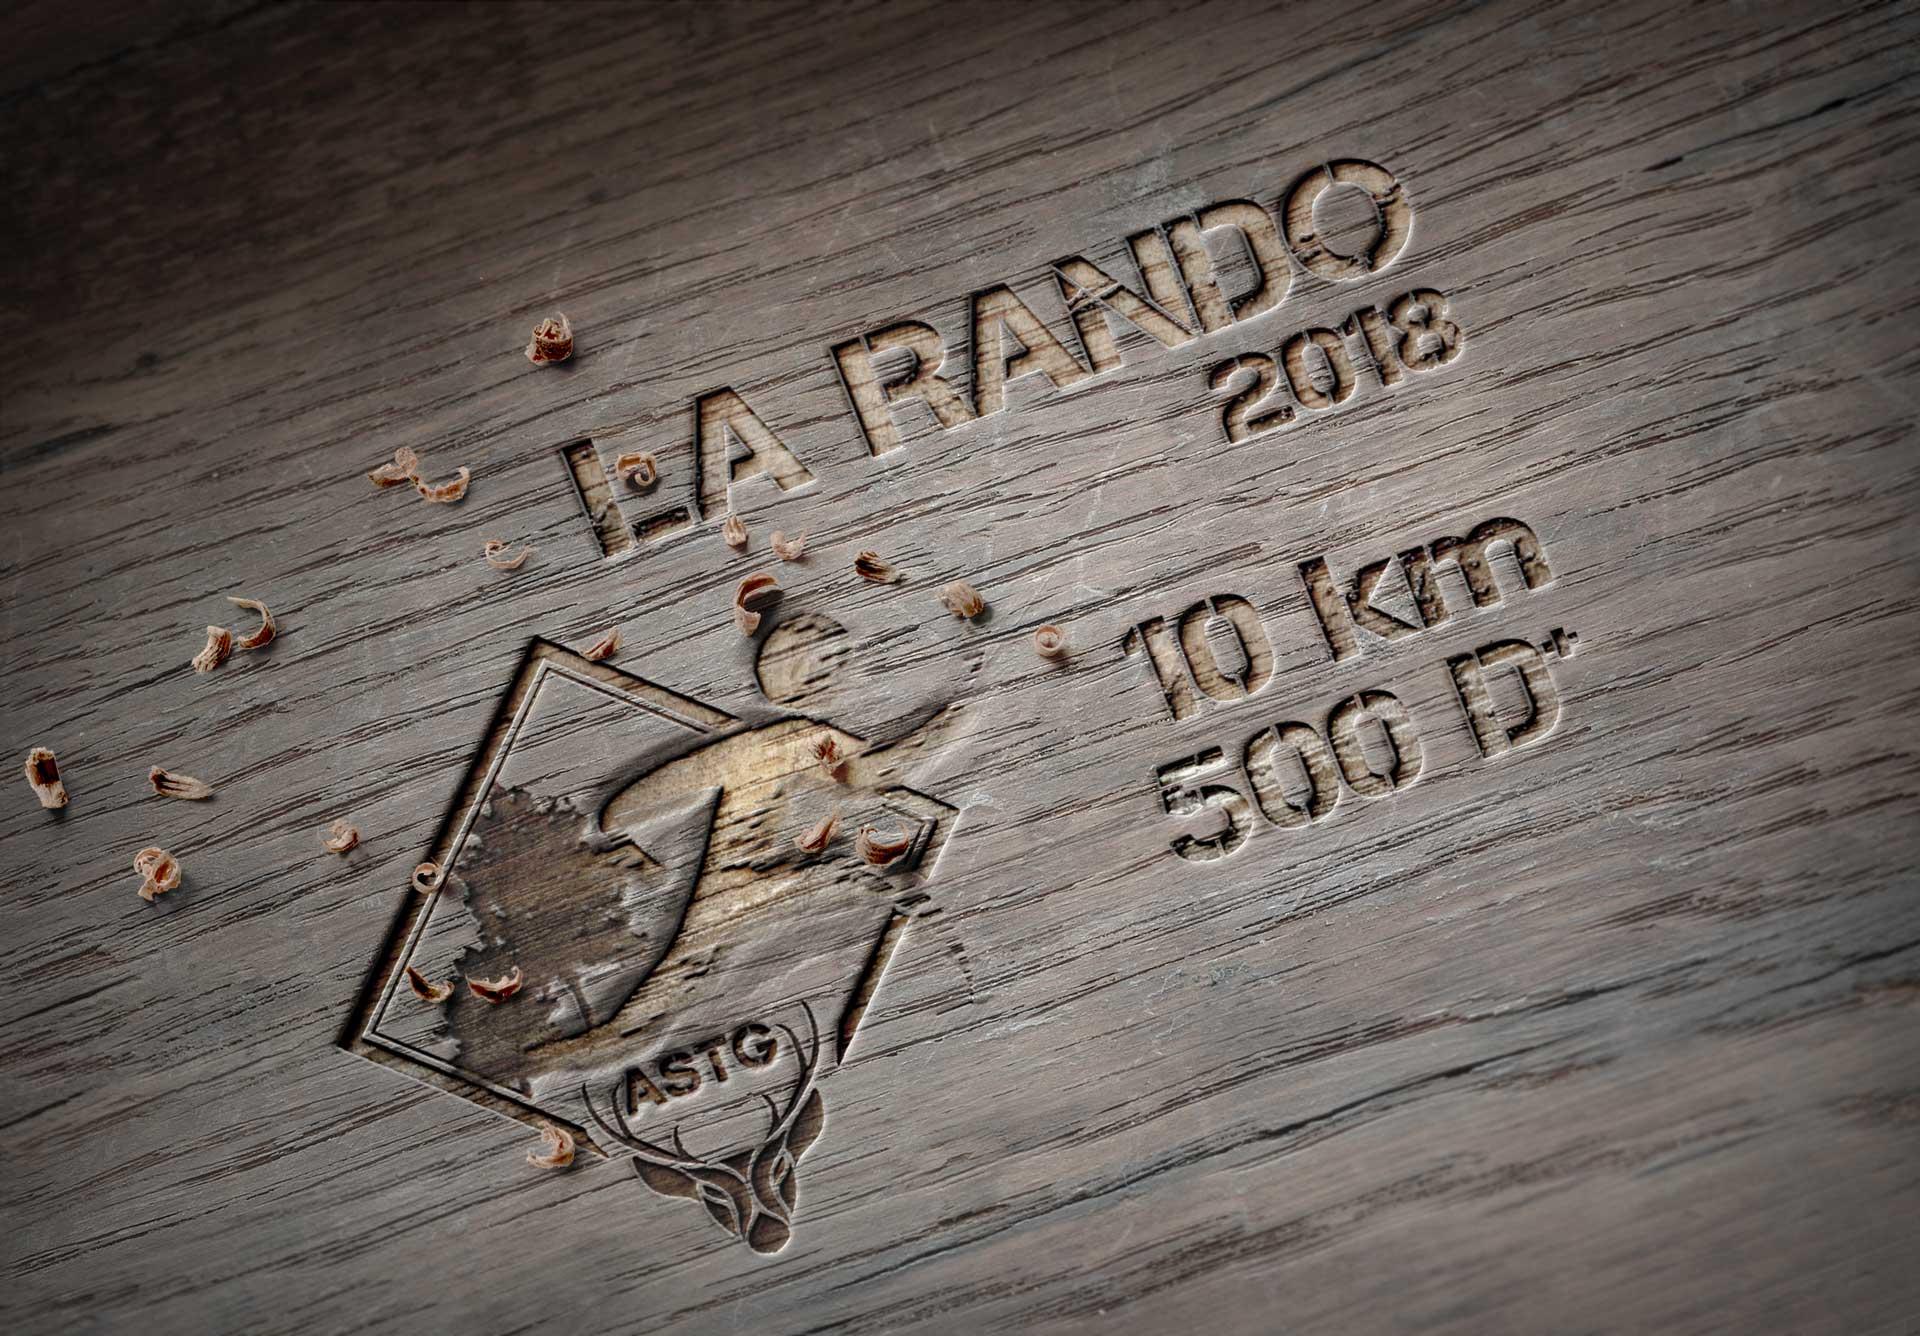 LA-RANDO-GRAVE